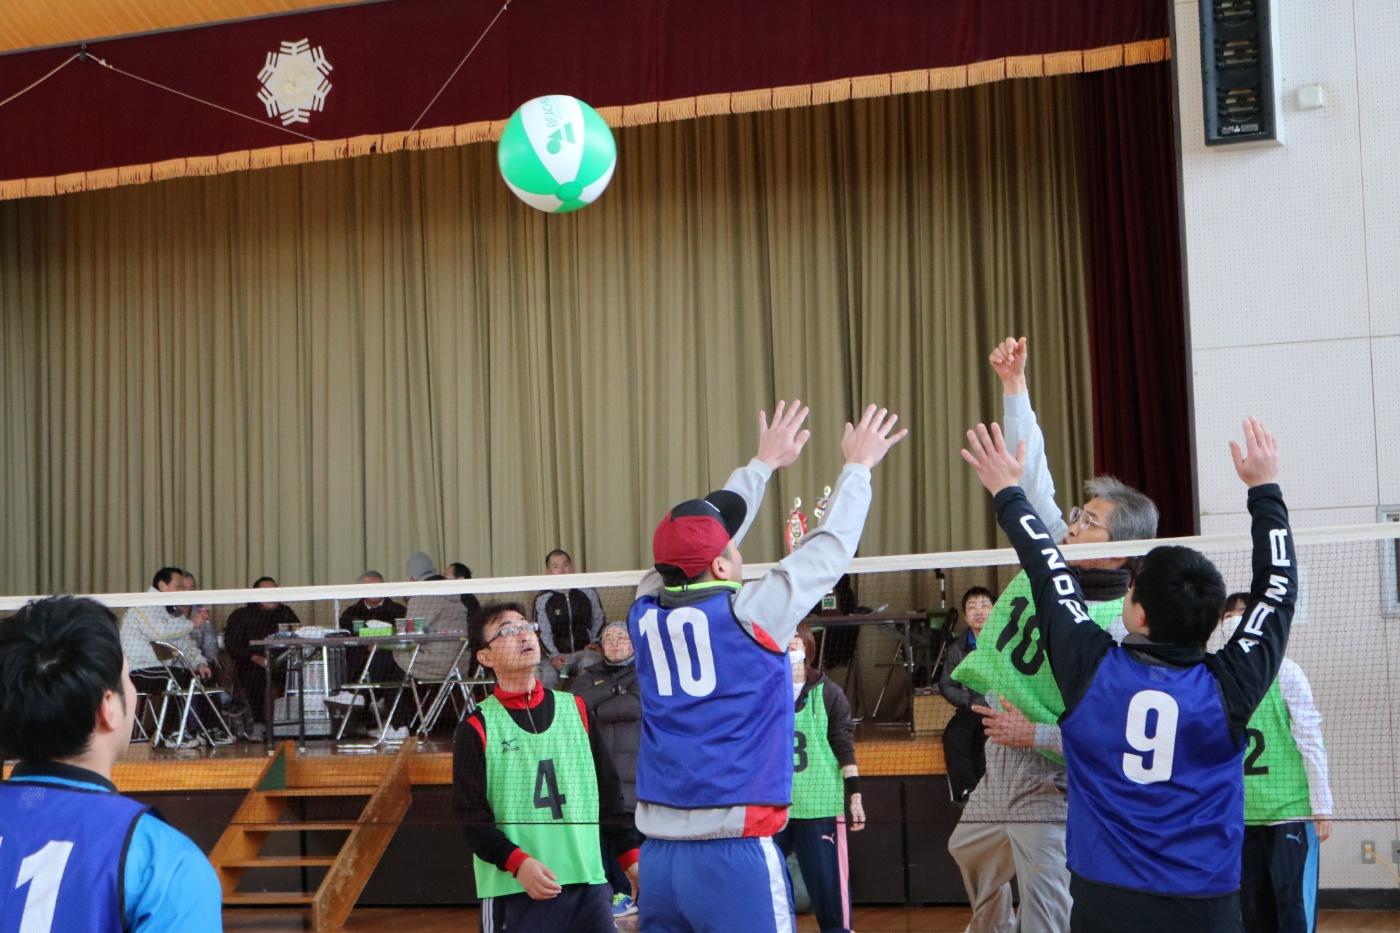 ビーチボールバレーの様子|第29回吉島地区冬季スポーツレクリエーション大会